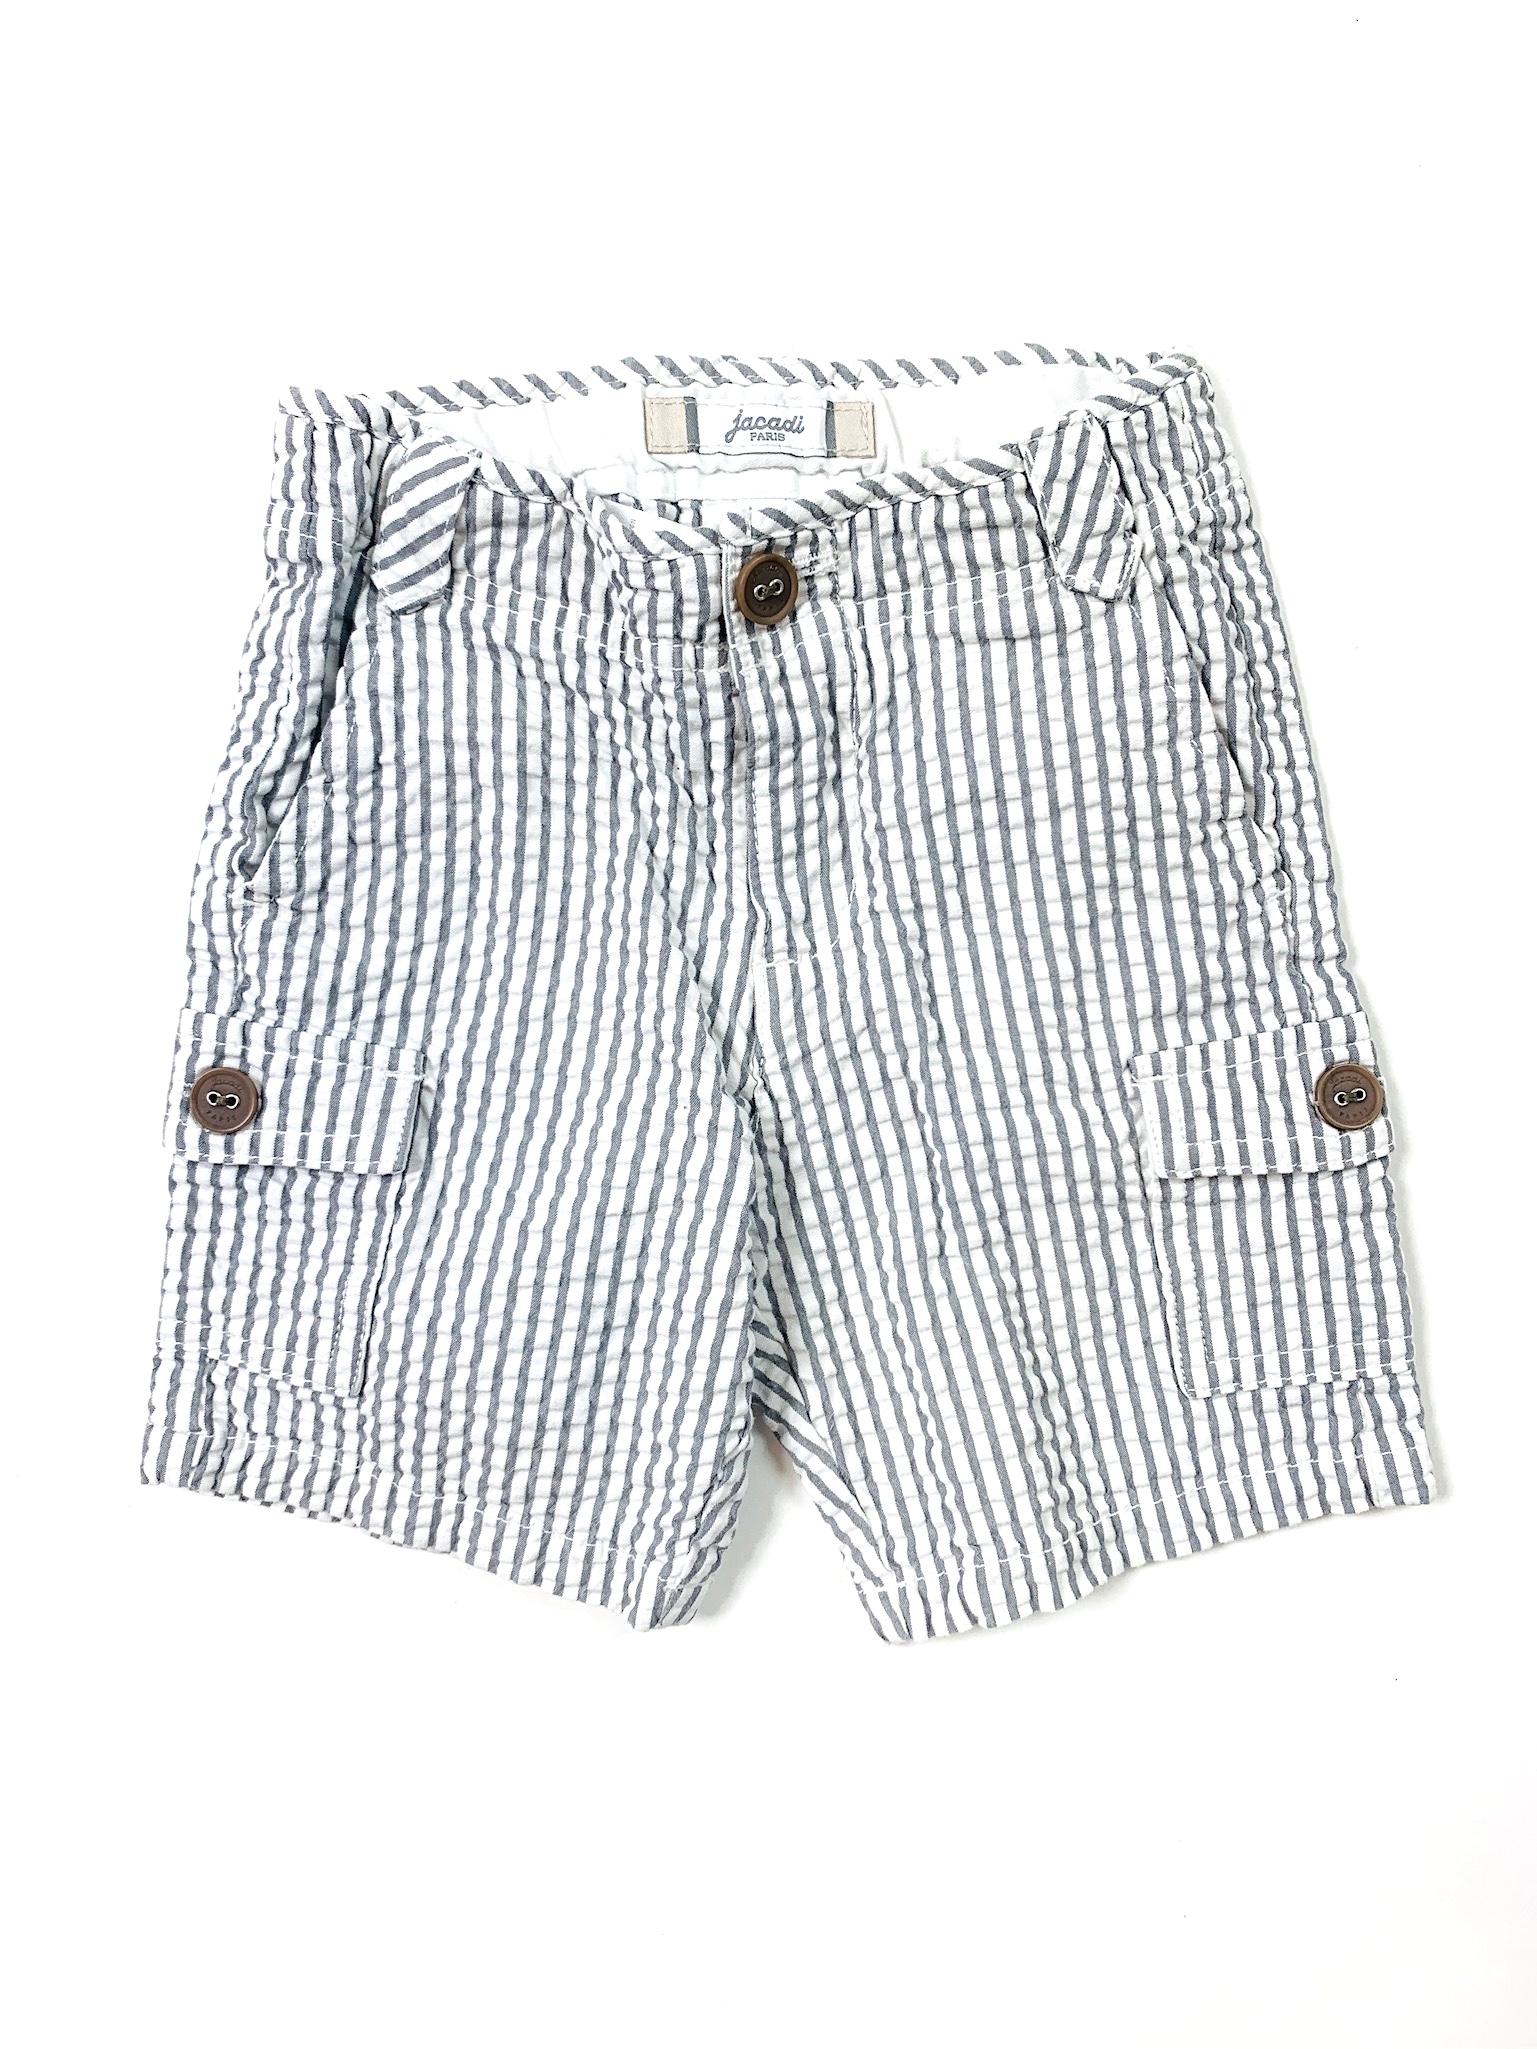 Jacadi 18-24M Shorts